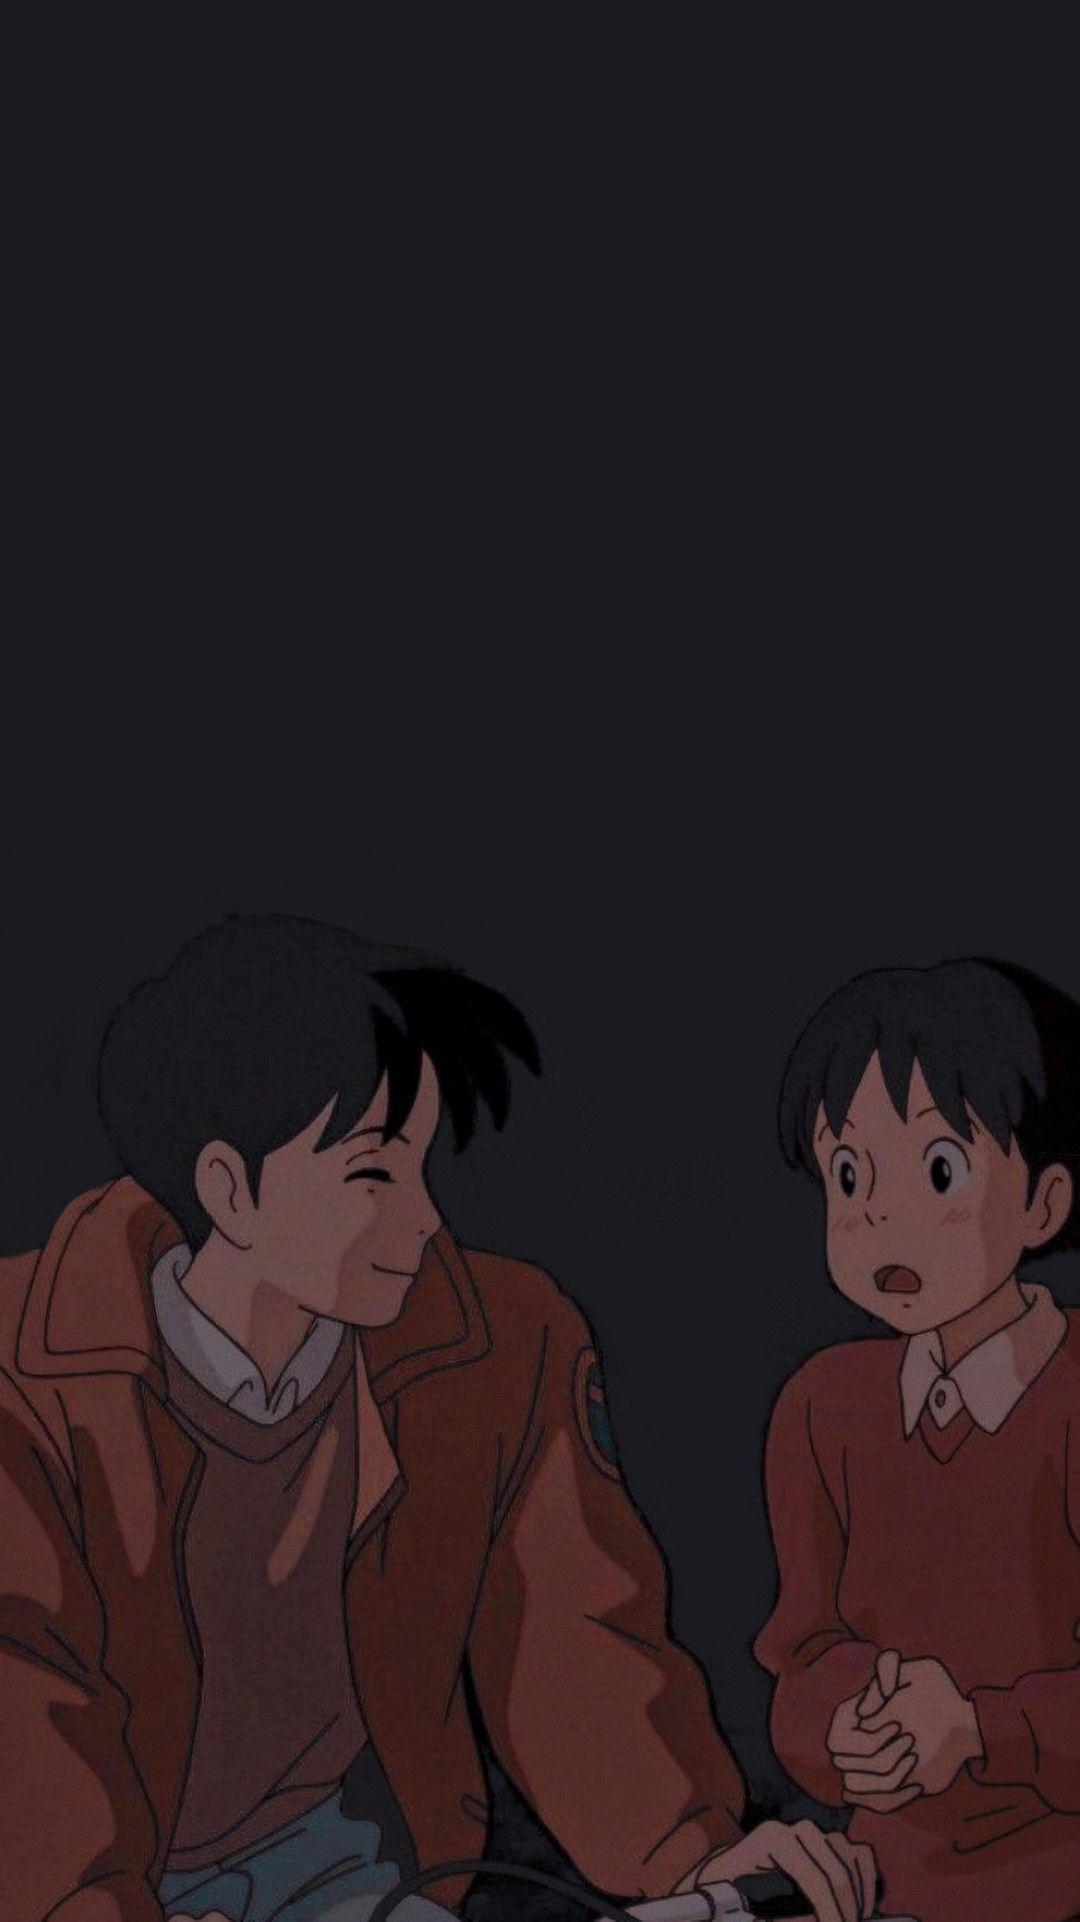 Whisper Of The Heart Wallpaper Studio Ghibli Art Ghibli Artwork Studio Ghibli Characters Anime movie art wallpaper